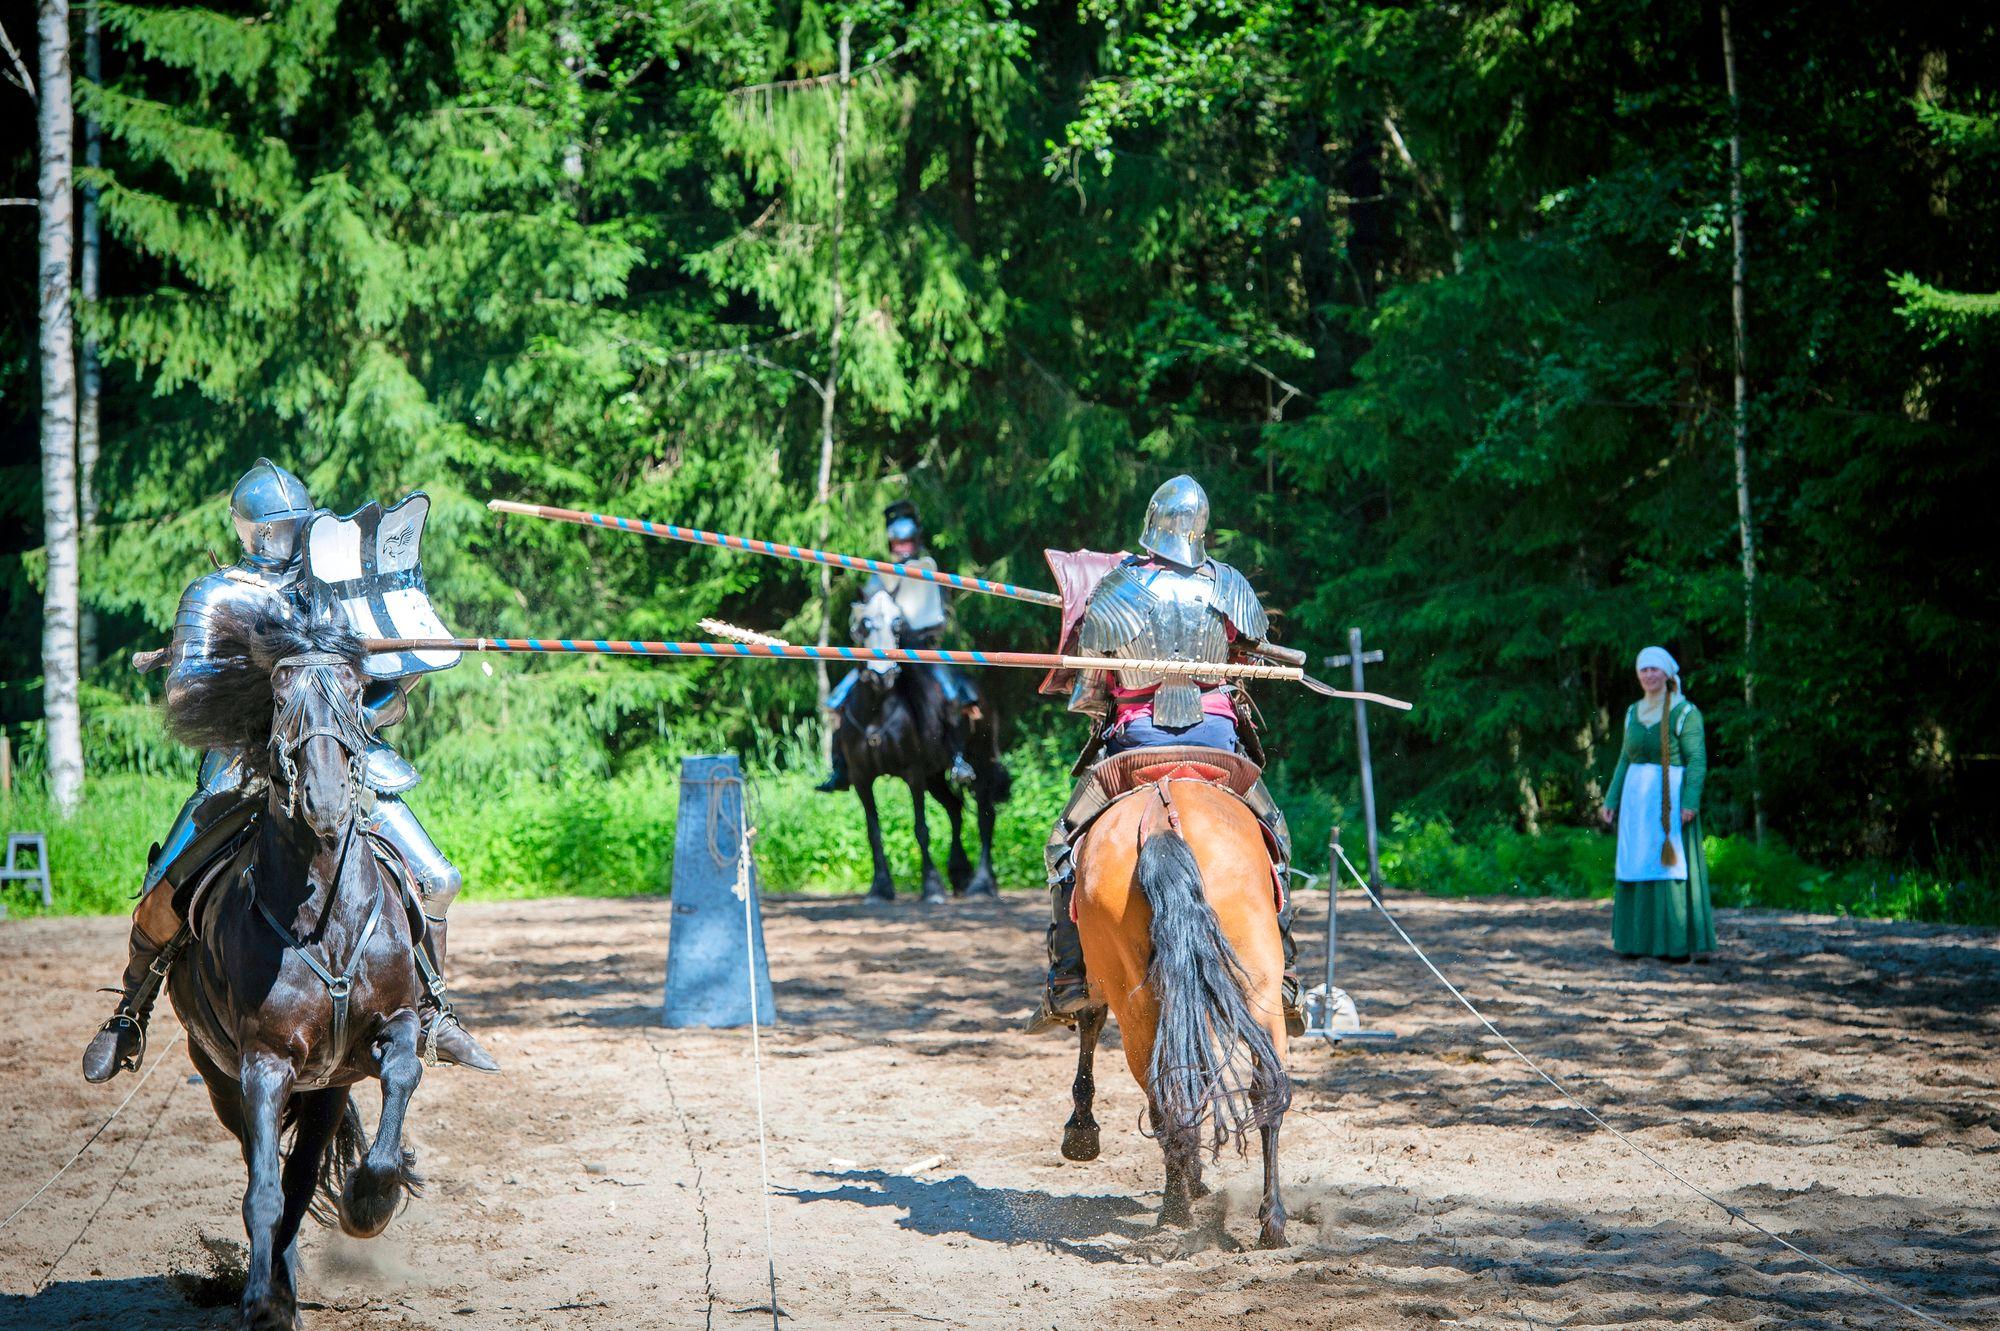 Historiallisen ratsastuksen kuninkuuslaji on peitsitaistelu eli jousting, jossa ratsastajat kirjaimellisesti luottavat henkensä toisen käsiin. © Shoja Lak